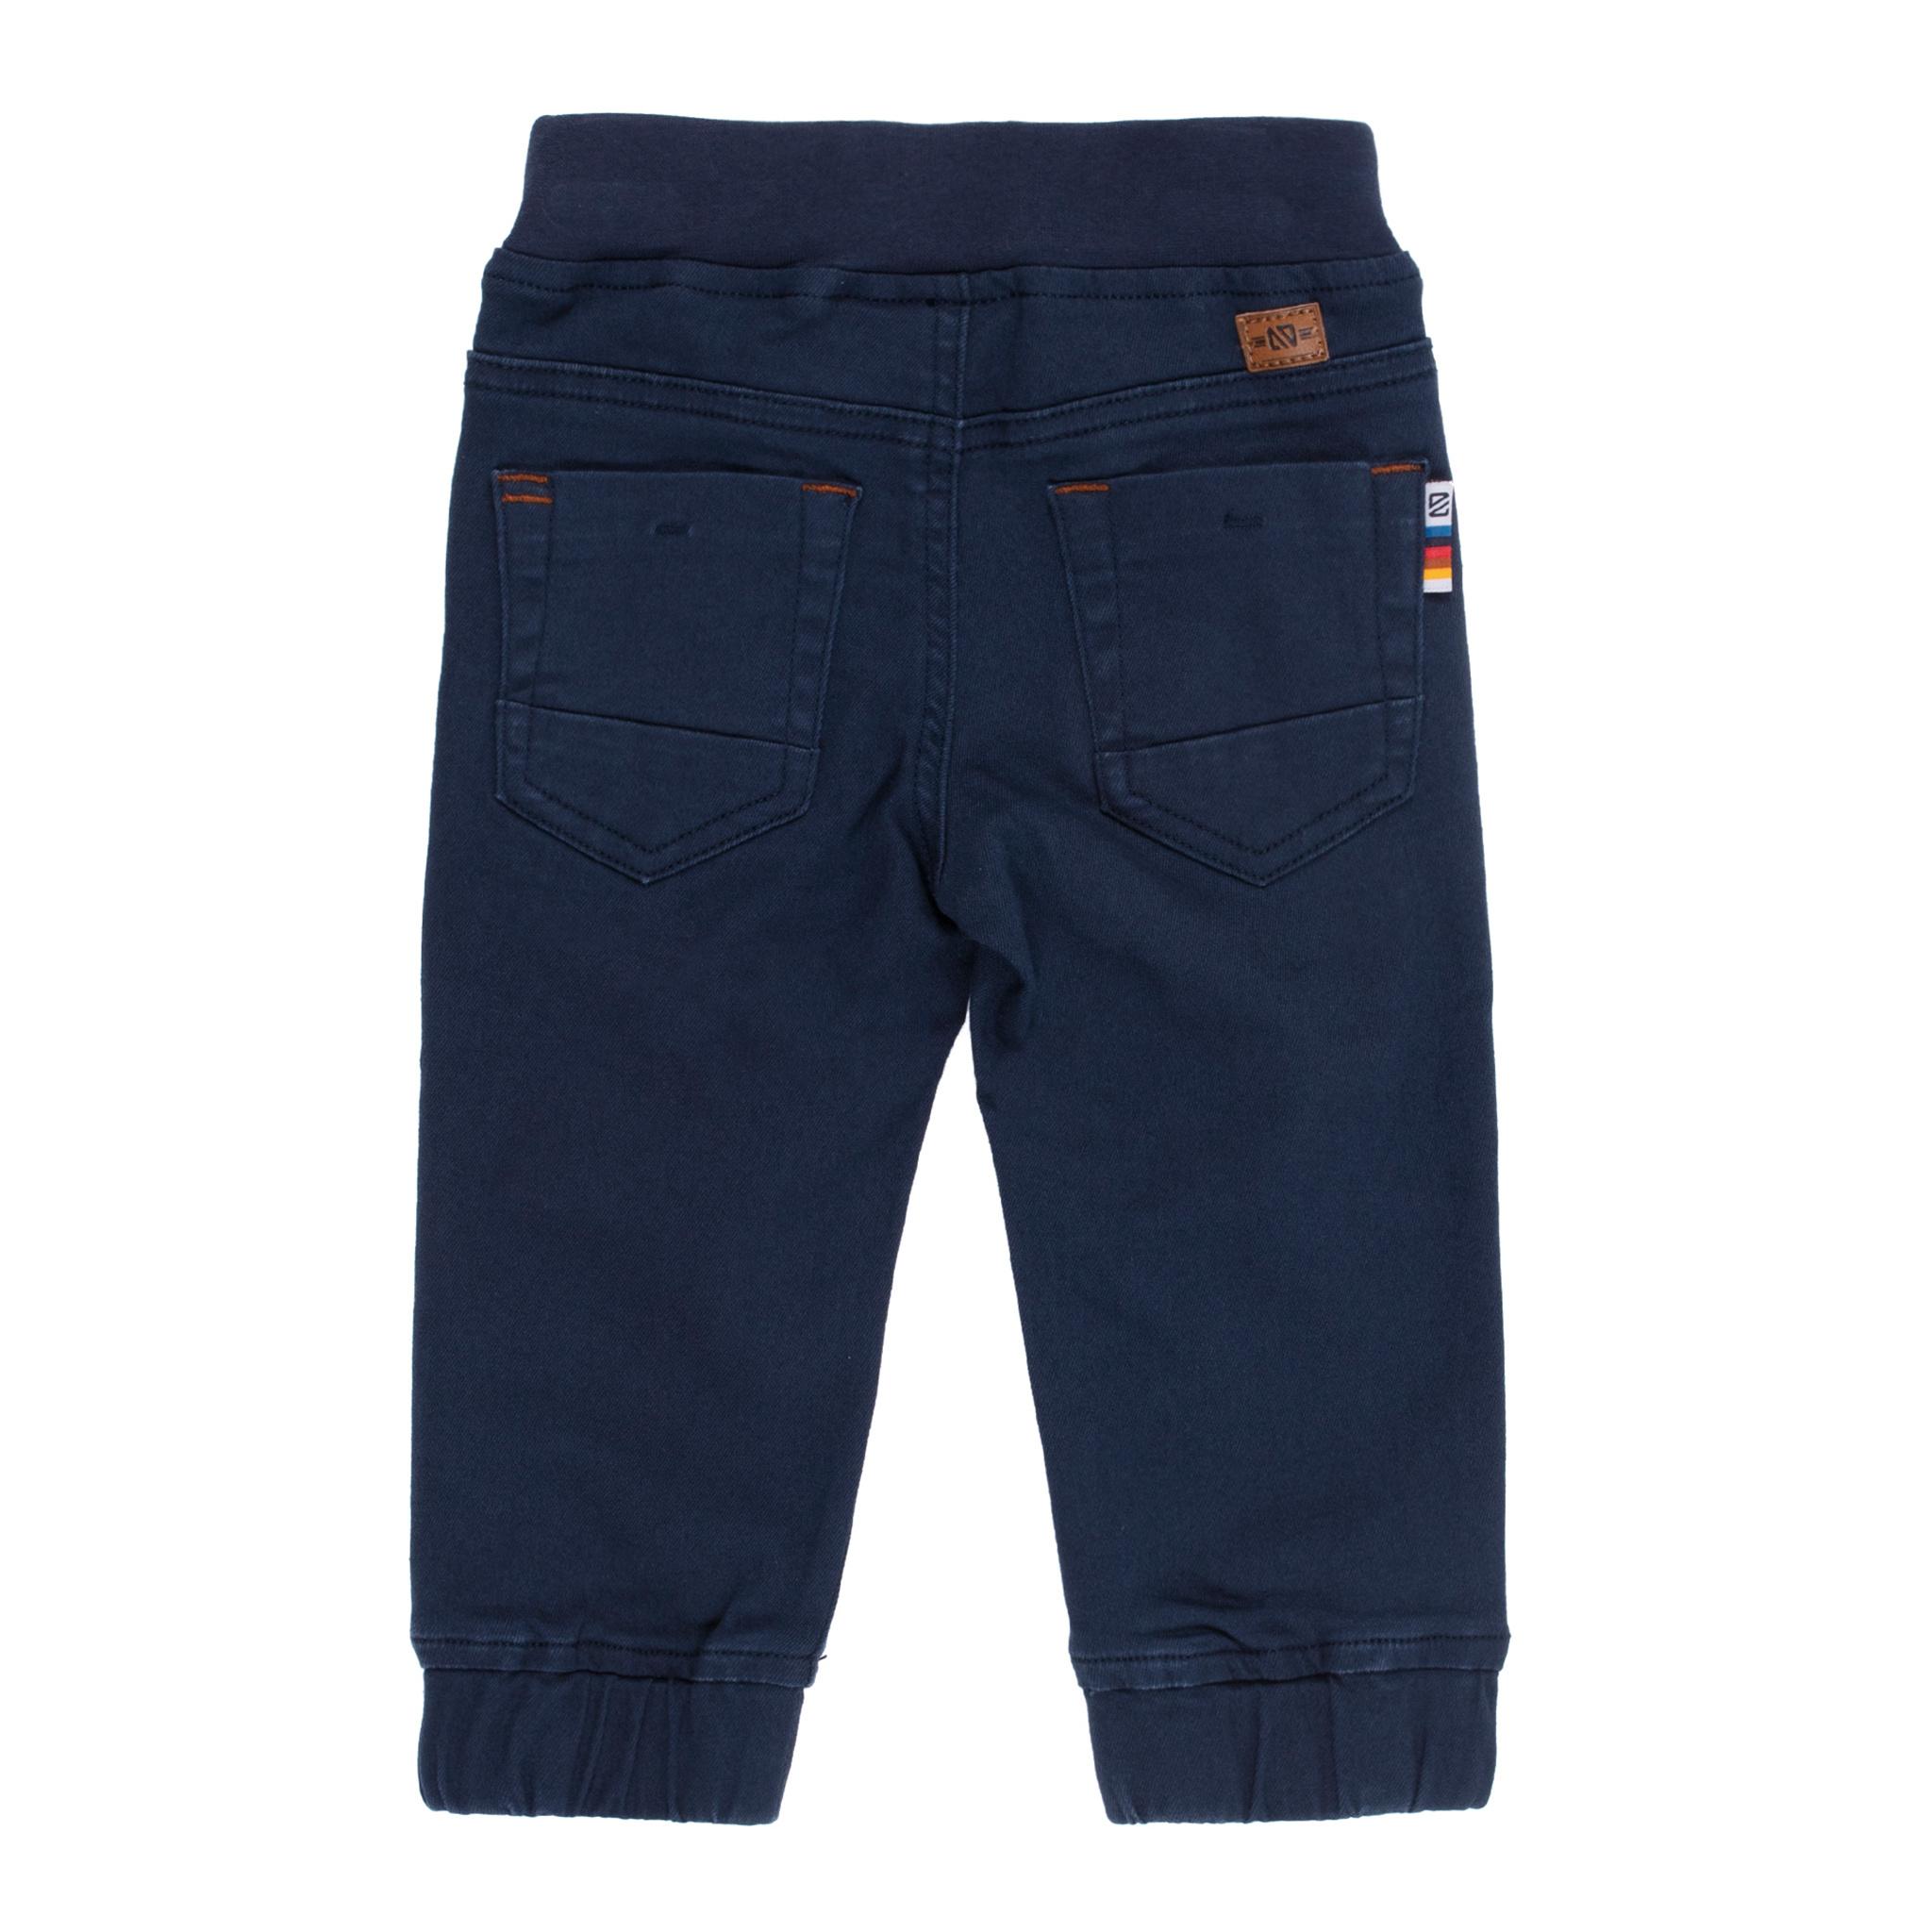 Pantalon de jogging collection Pente École-2